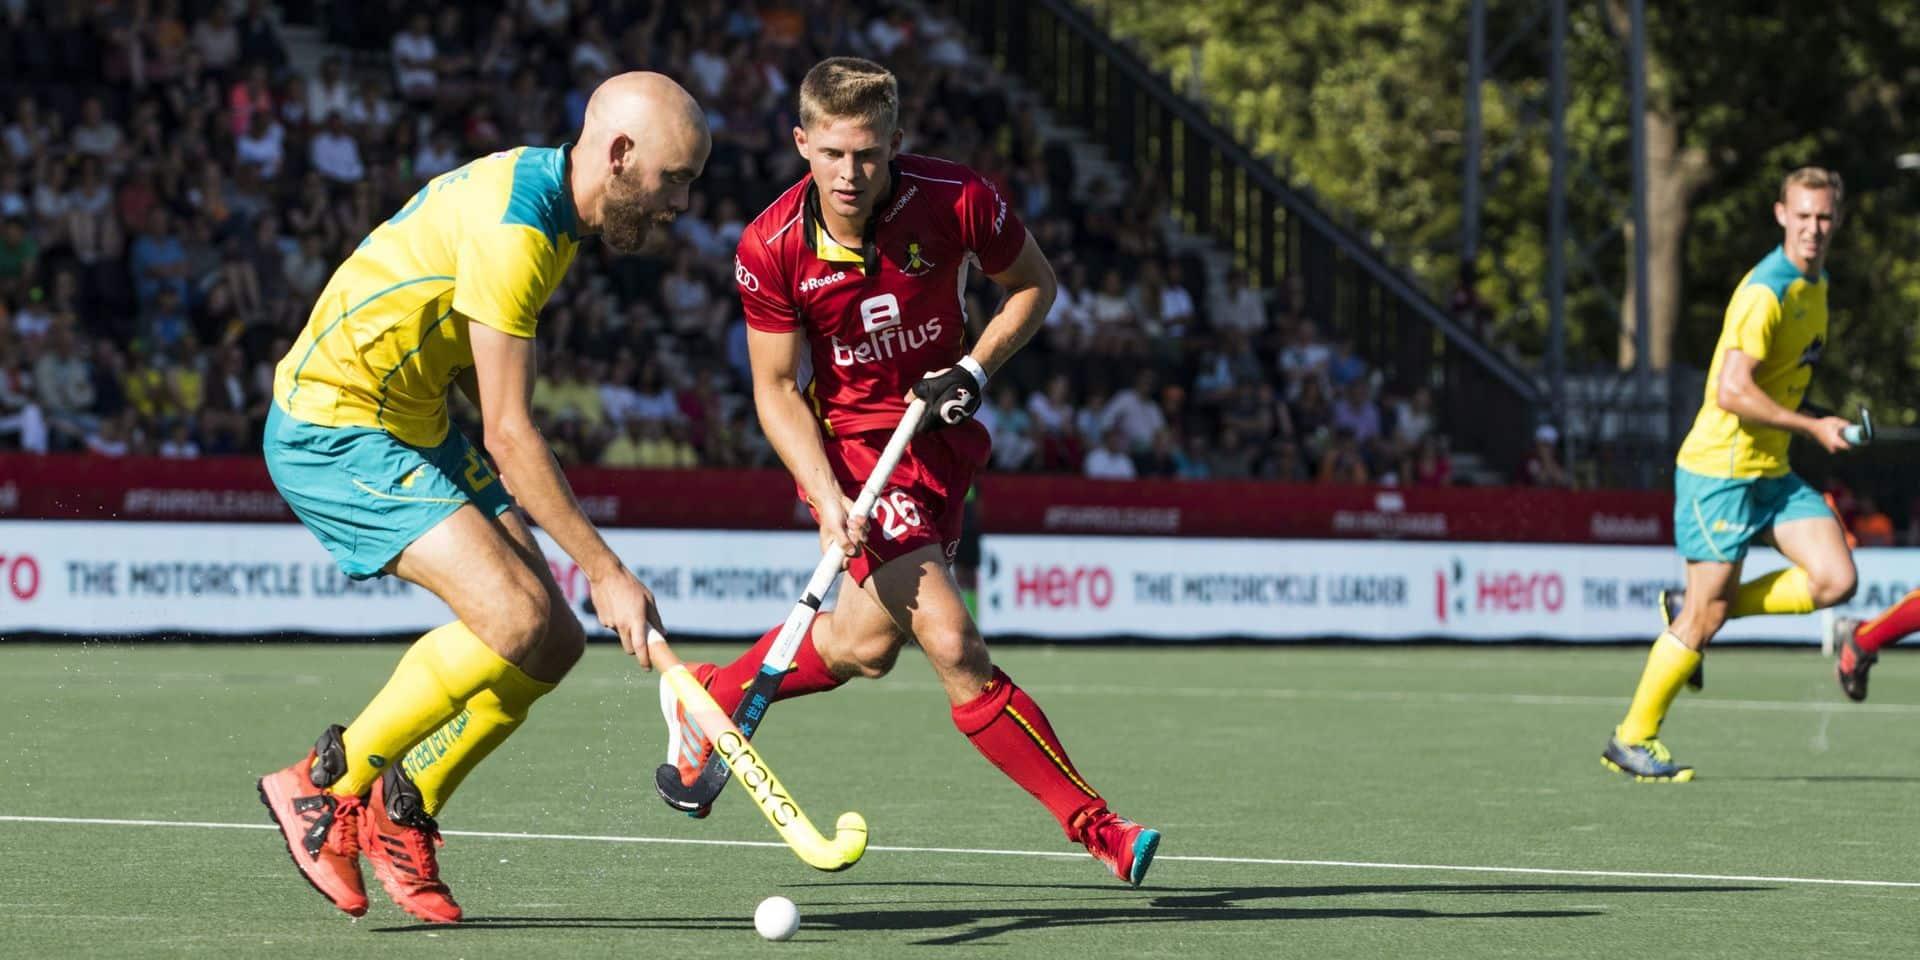 """La Belgique rate l'organisation de la Coupe du monde 2022: """"Cette fois, le financier a été plus important que le sportif pour la FIH"""""""